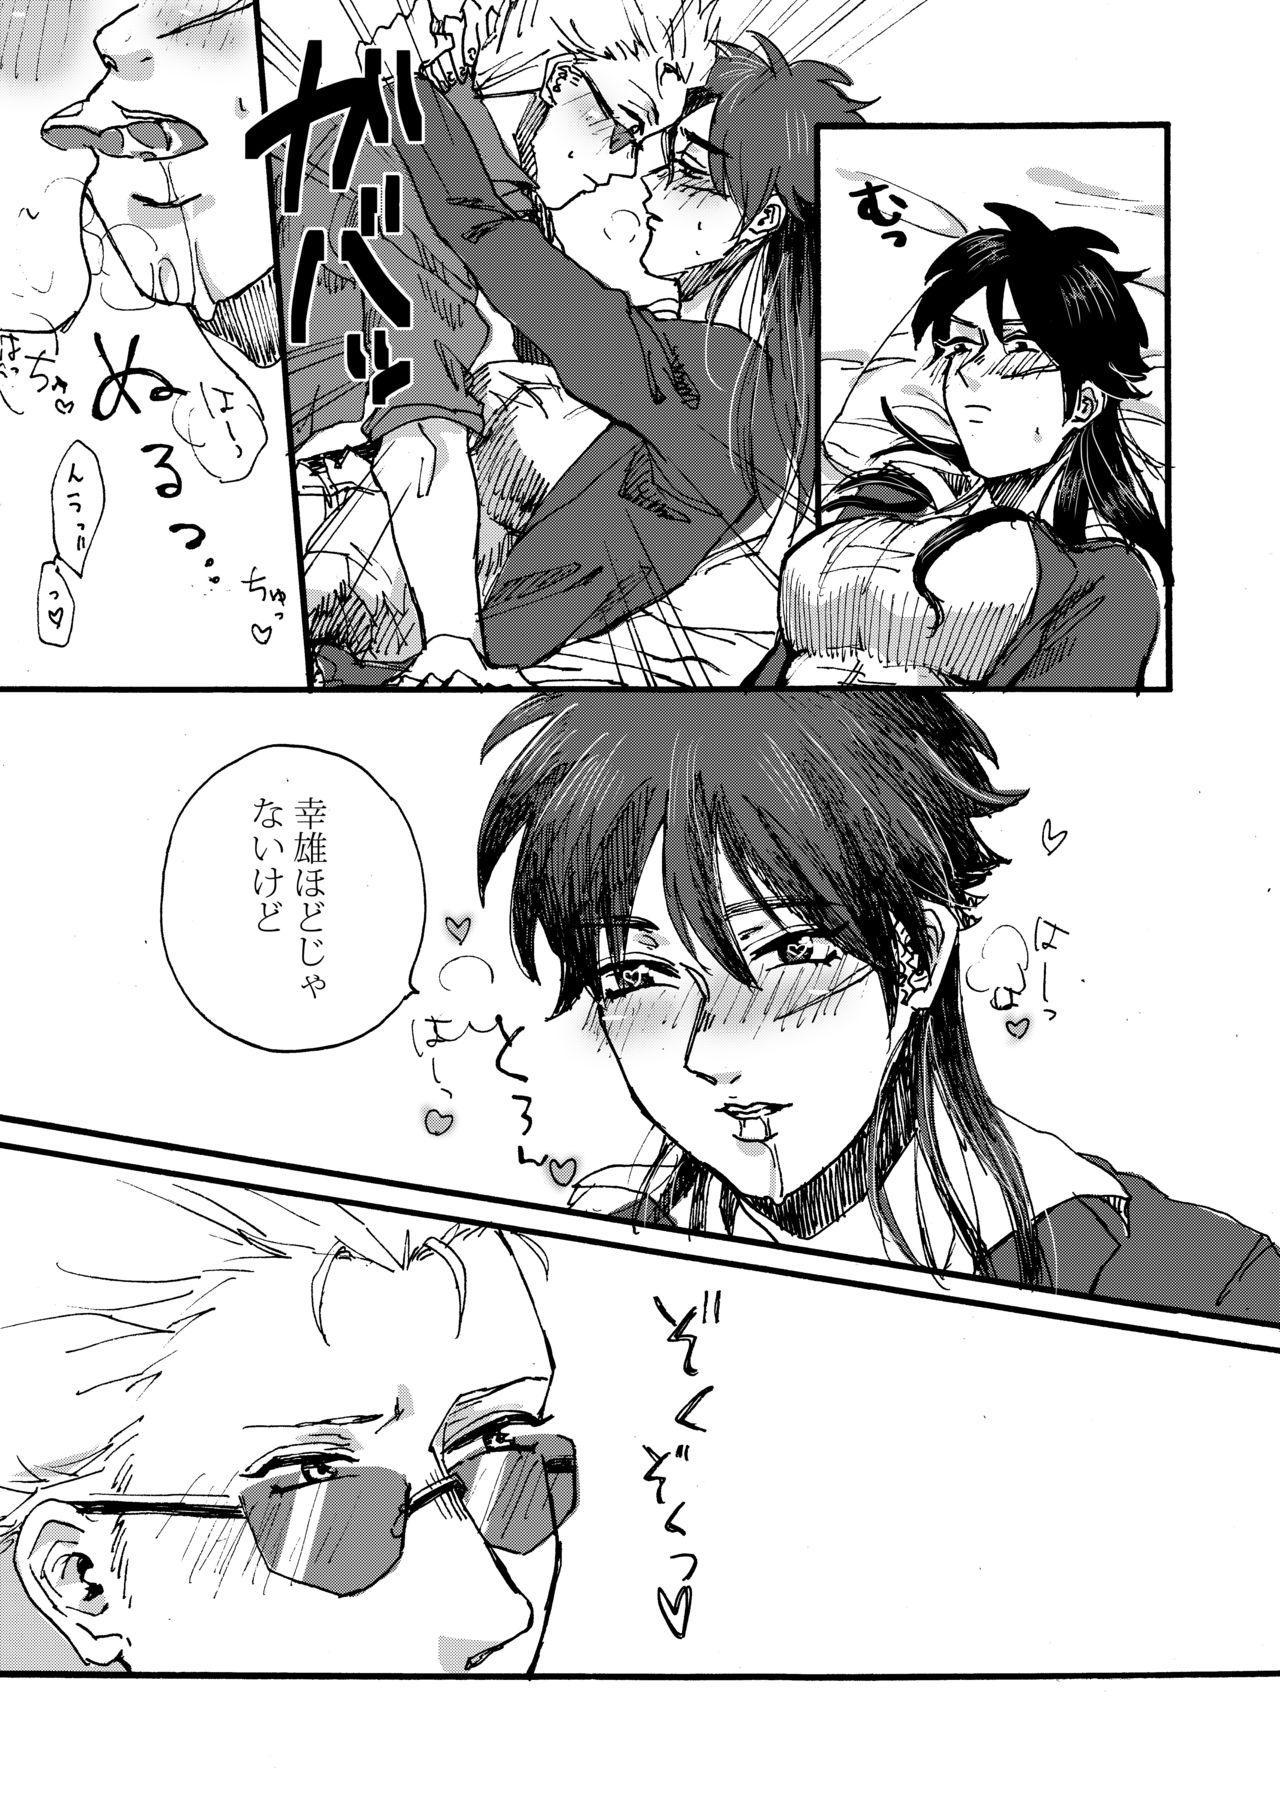 Hiraniyokai Manga 6